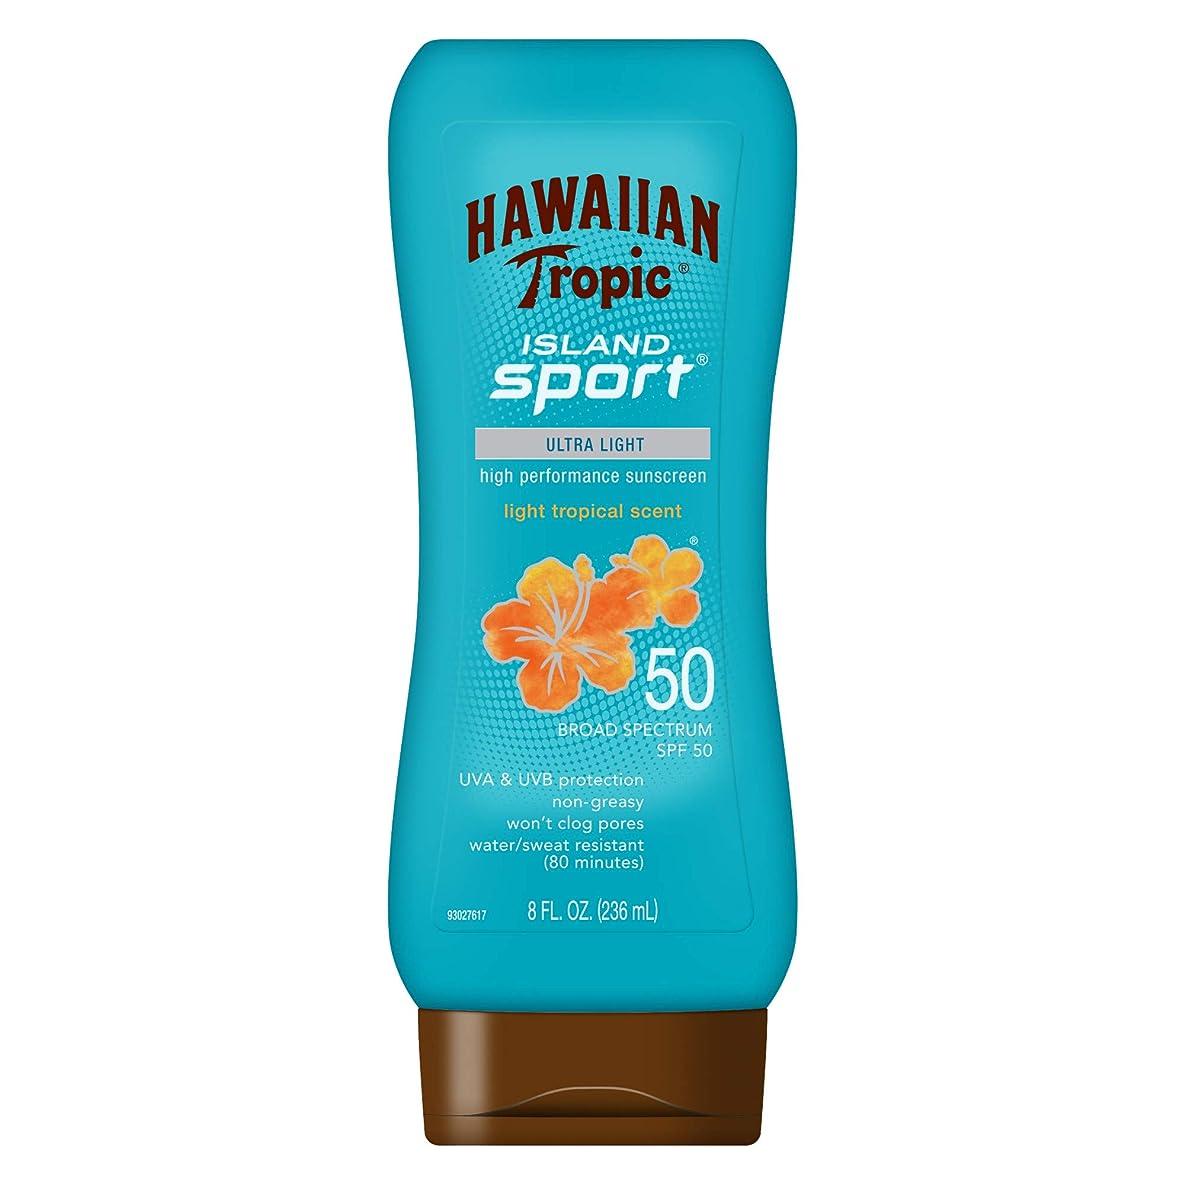 エイズラジエータークレーンHawaiian Tropic アイランドスポーツ広域スペクトル日焼け止めローション、SPF 50-8液量オンス